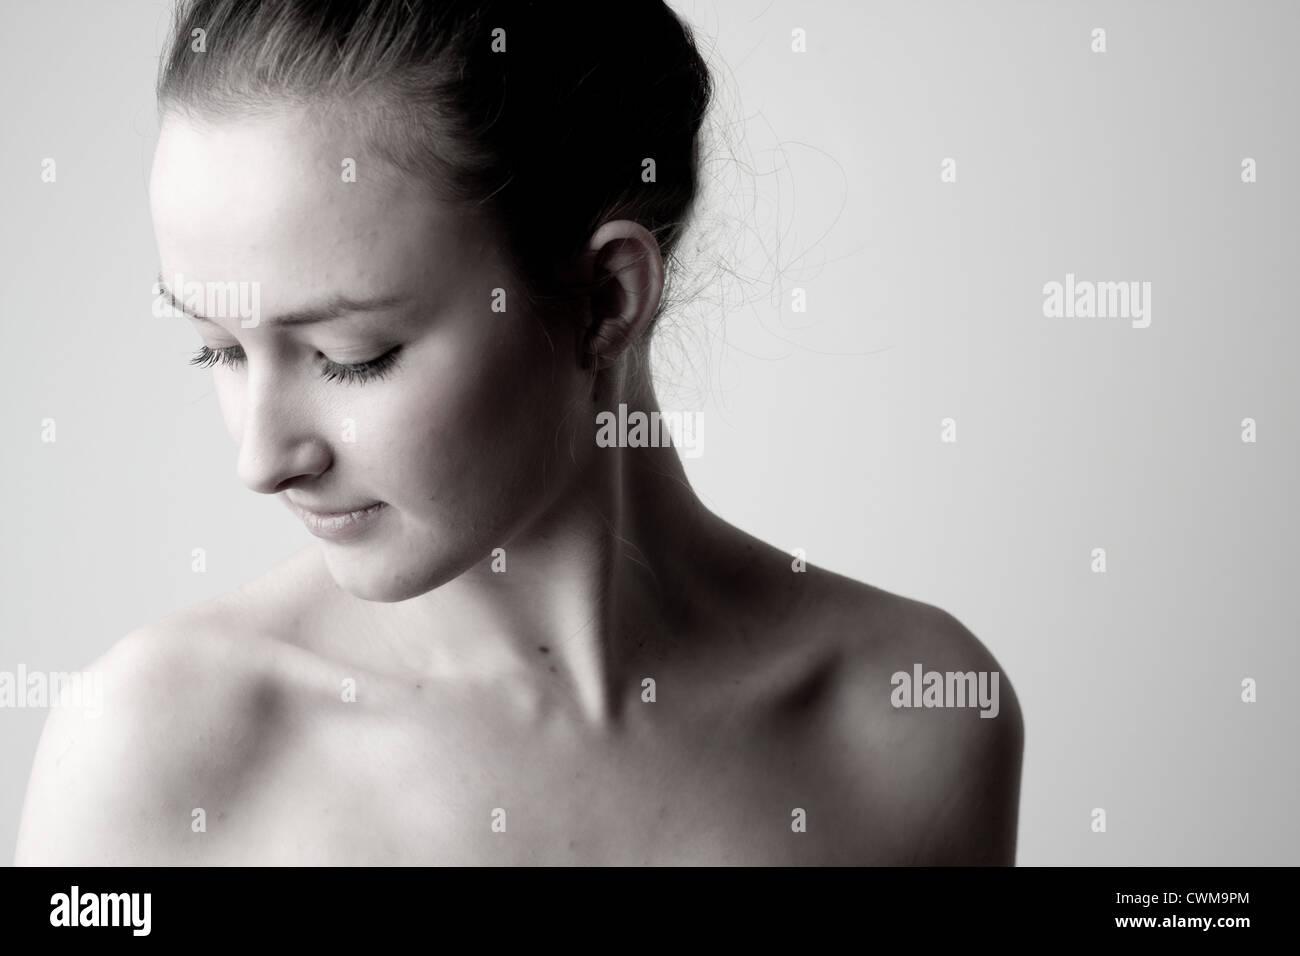 portrait nue Banque D'Images